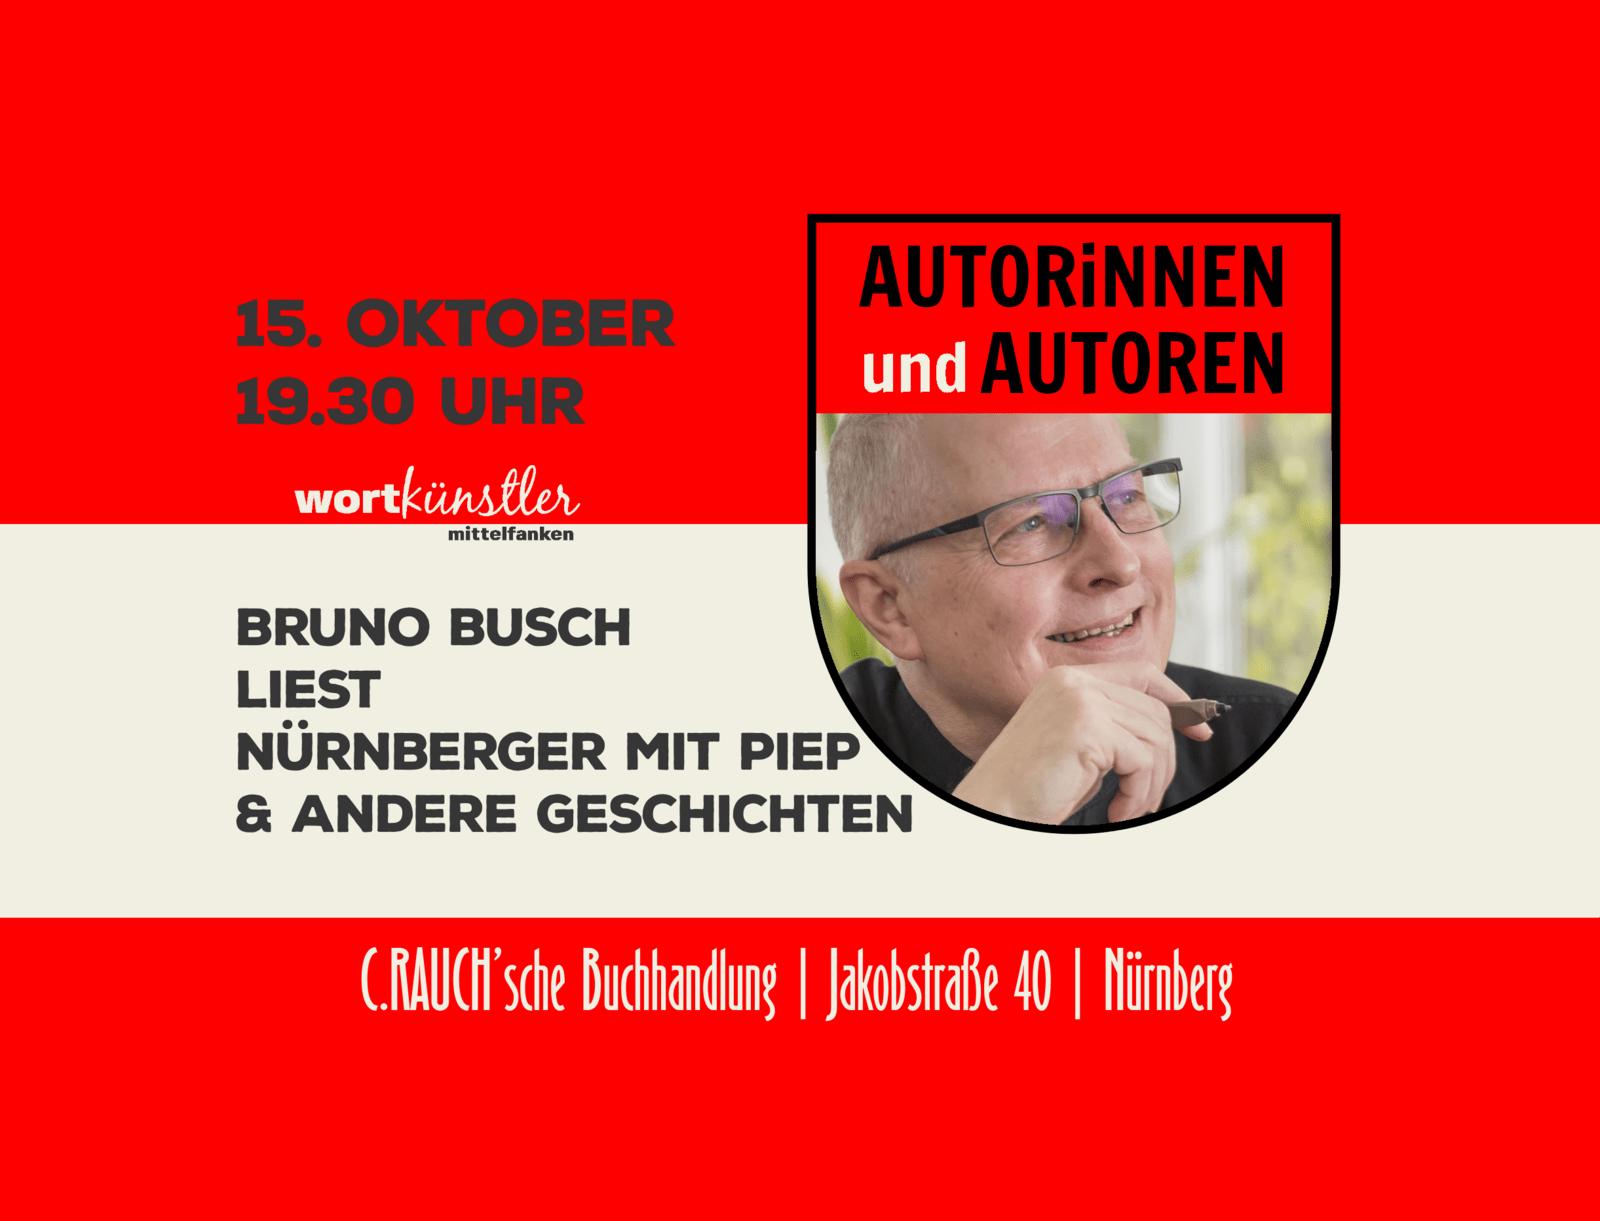 Bruno Busch | Nürnberger mit Piep